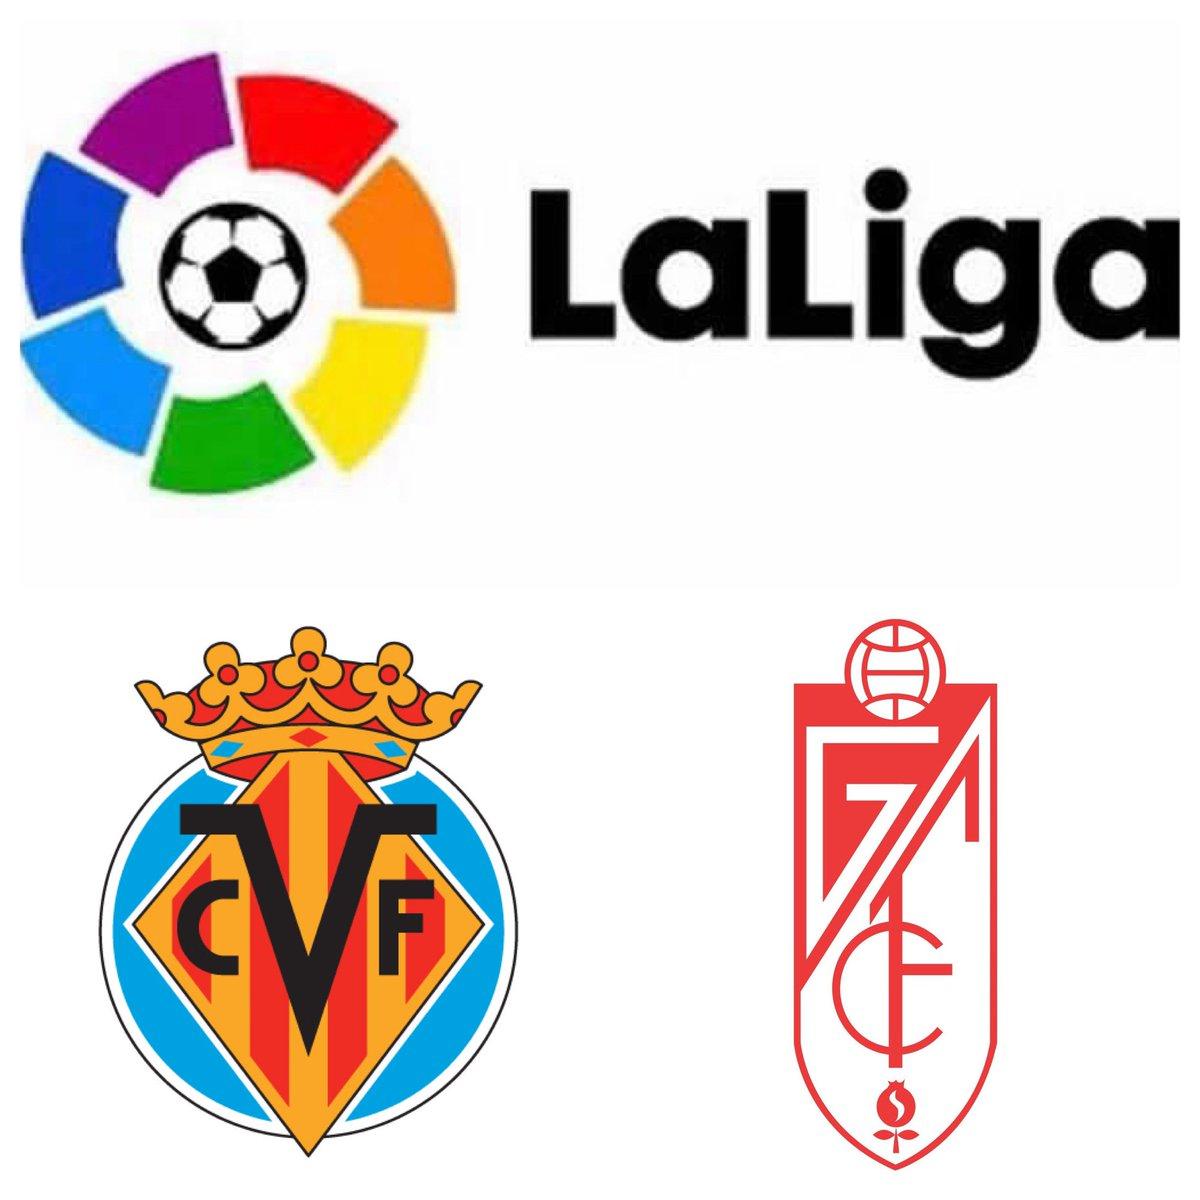 #IESRSN #Granada @ #Villarreal is underway! #LaLiga #VillarrealGranada